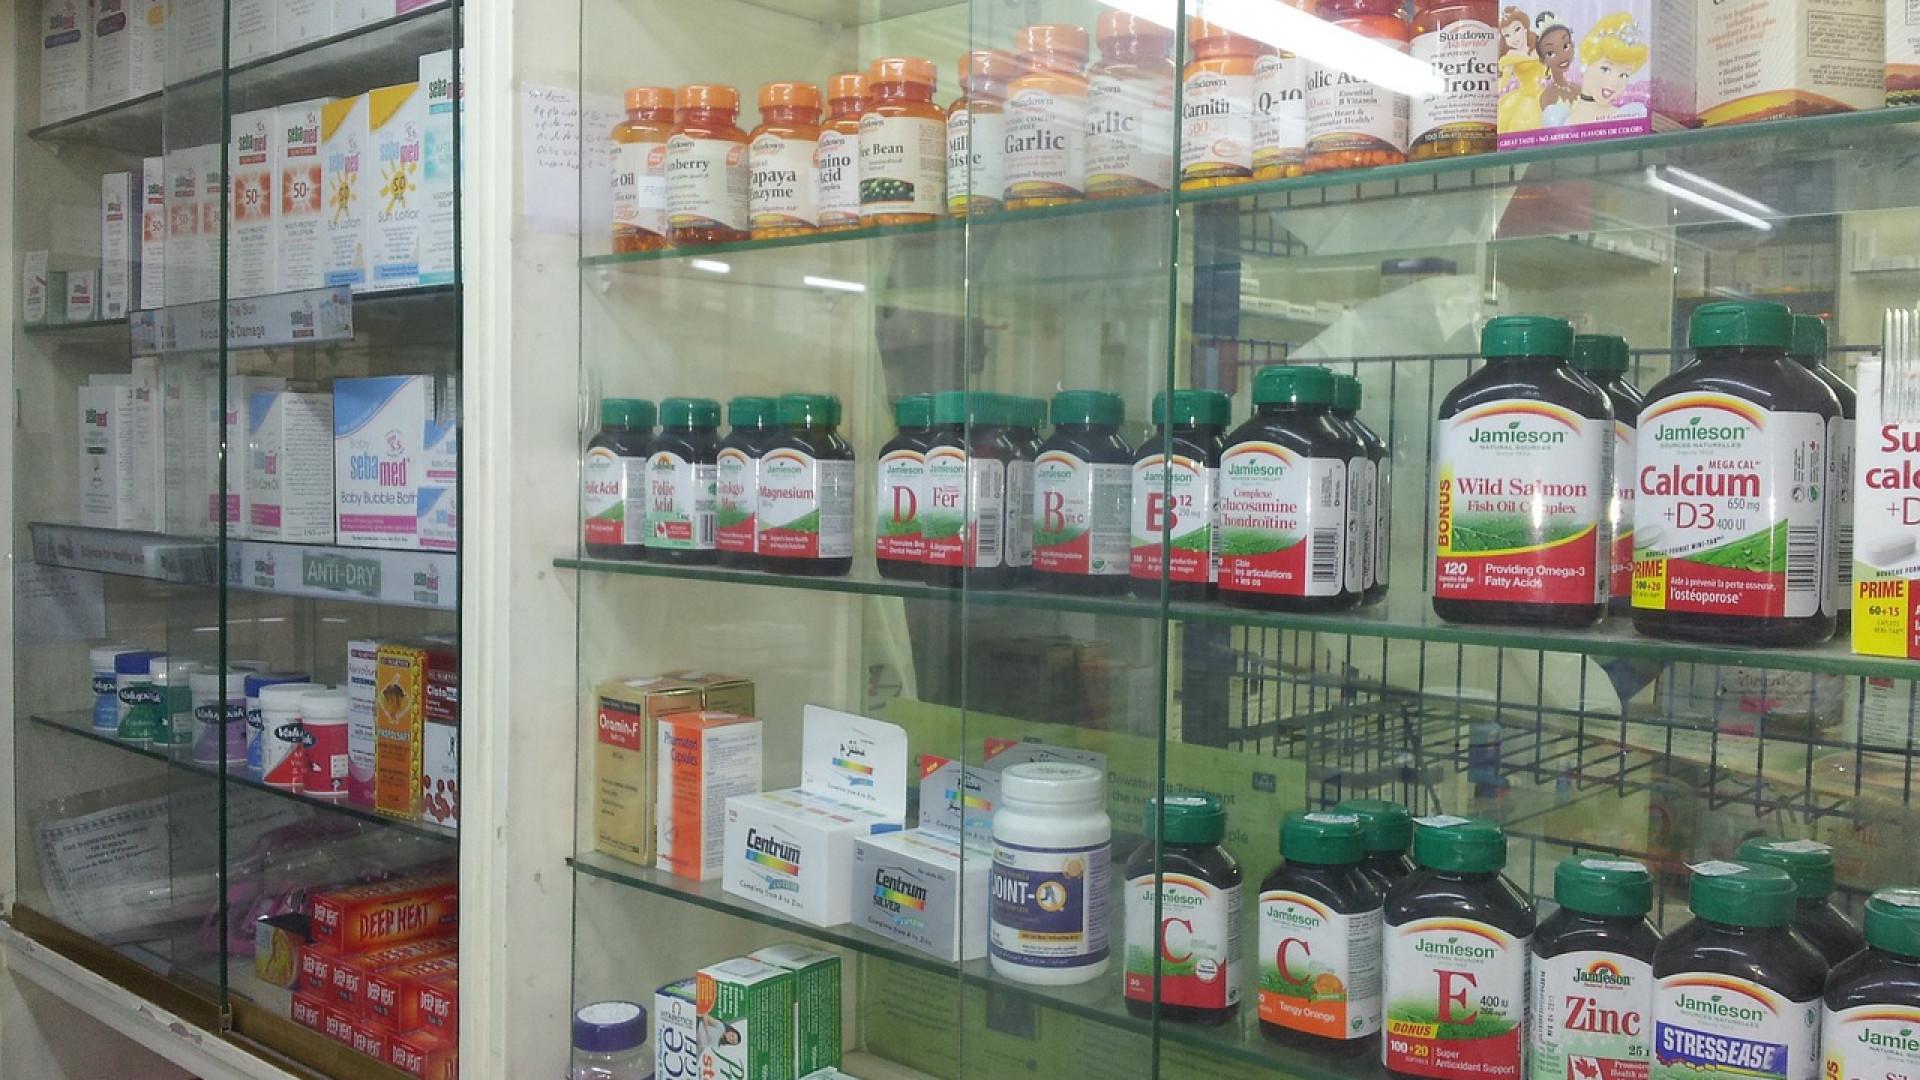 La pharmacie de garde peut avoir des volets fermés